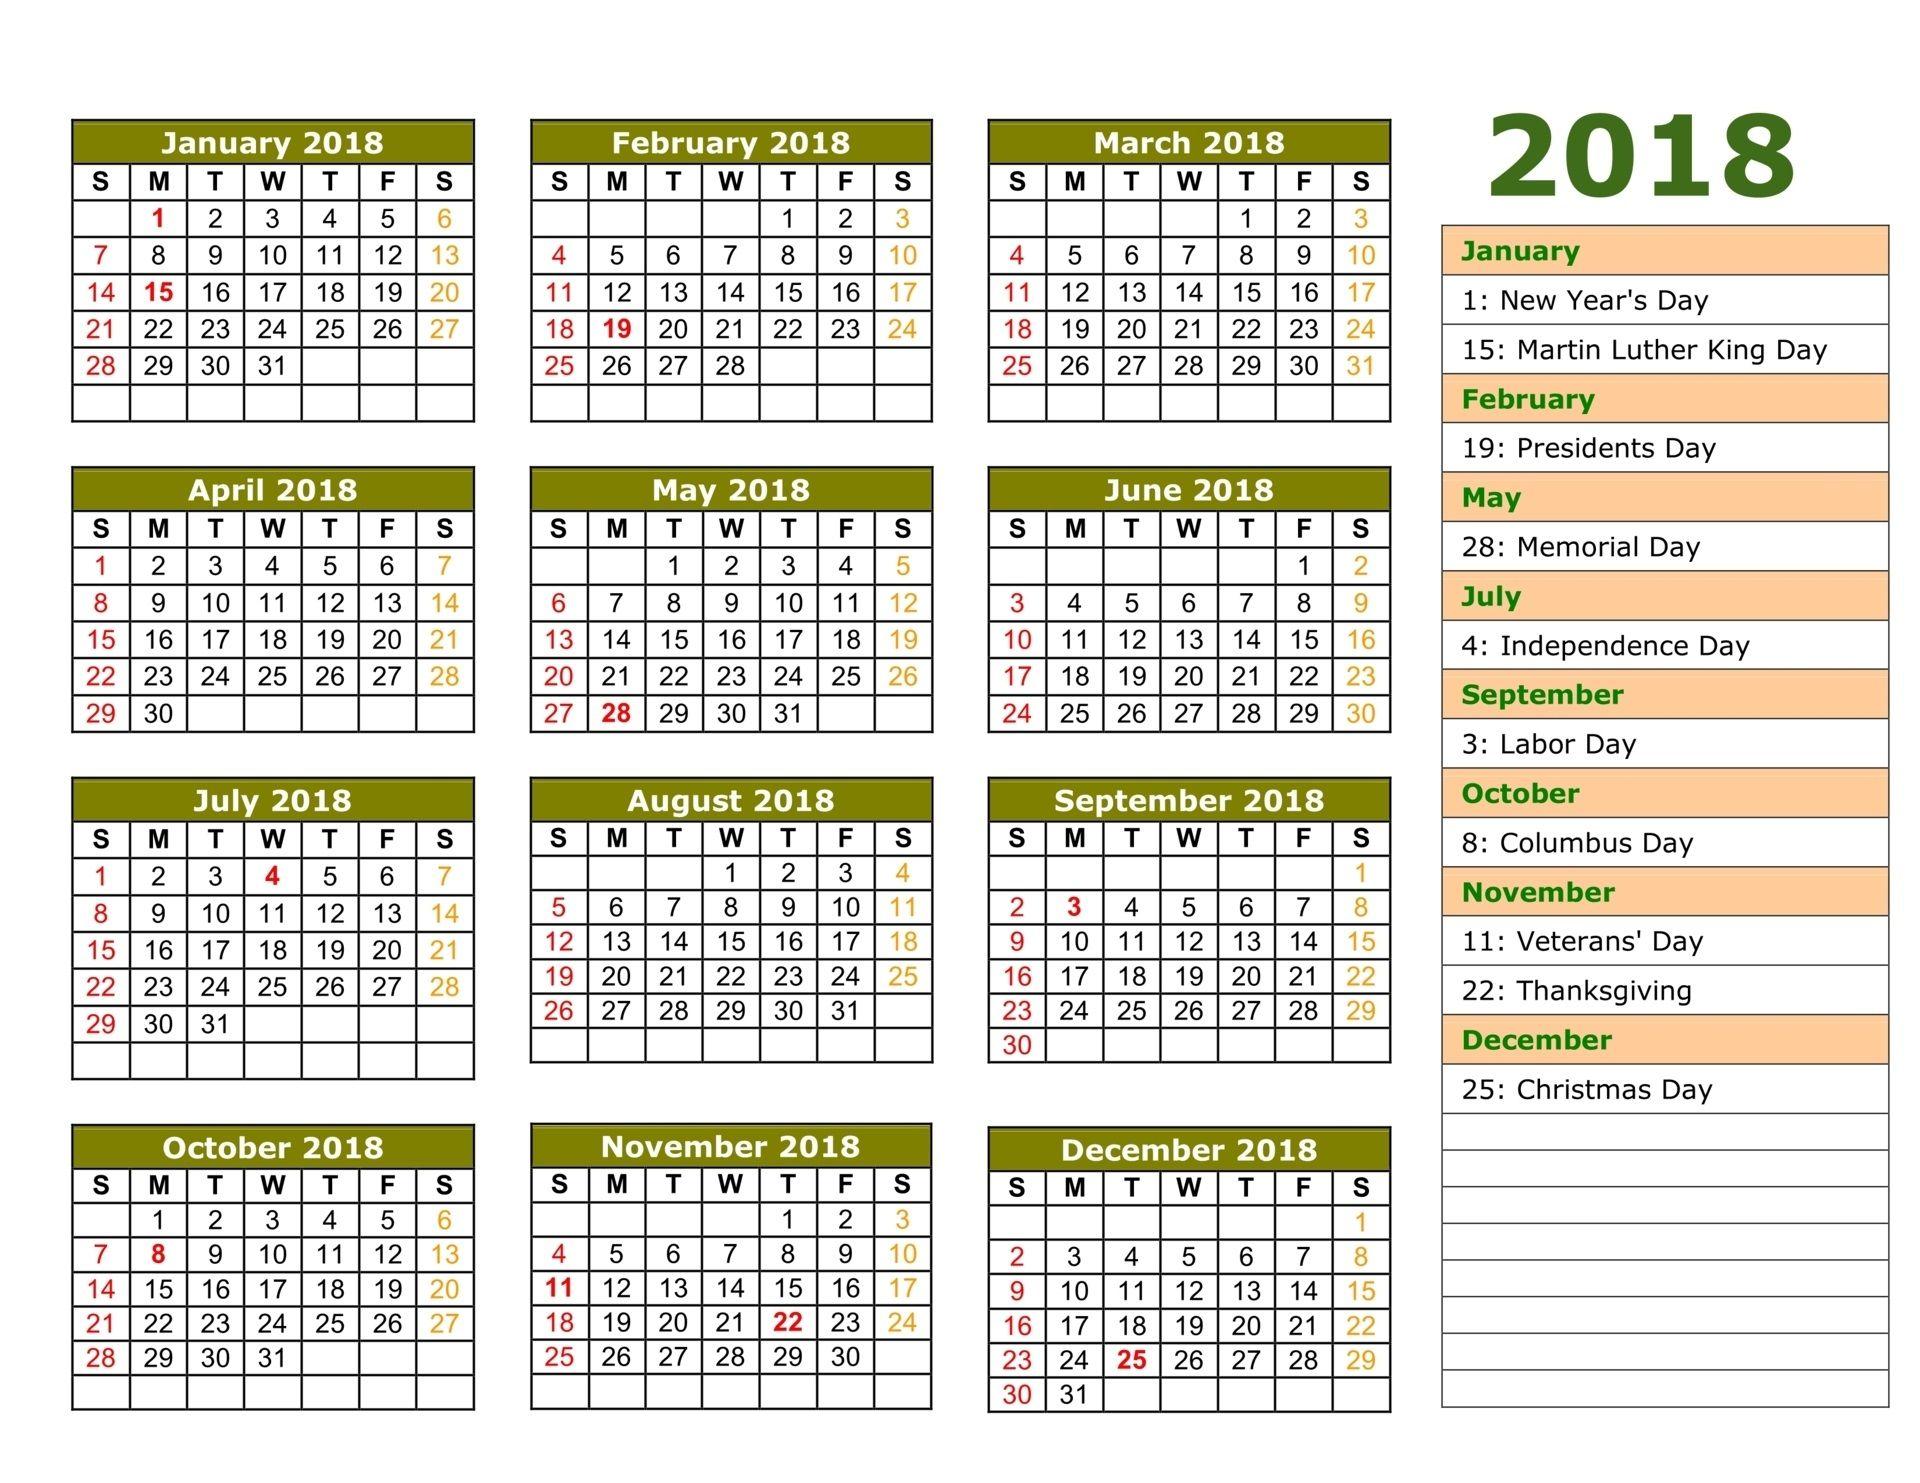 Islamic Calendar 2018, hijri calendar 2018 | desktop | Pinterest